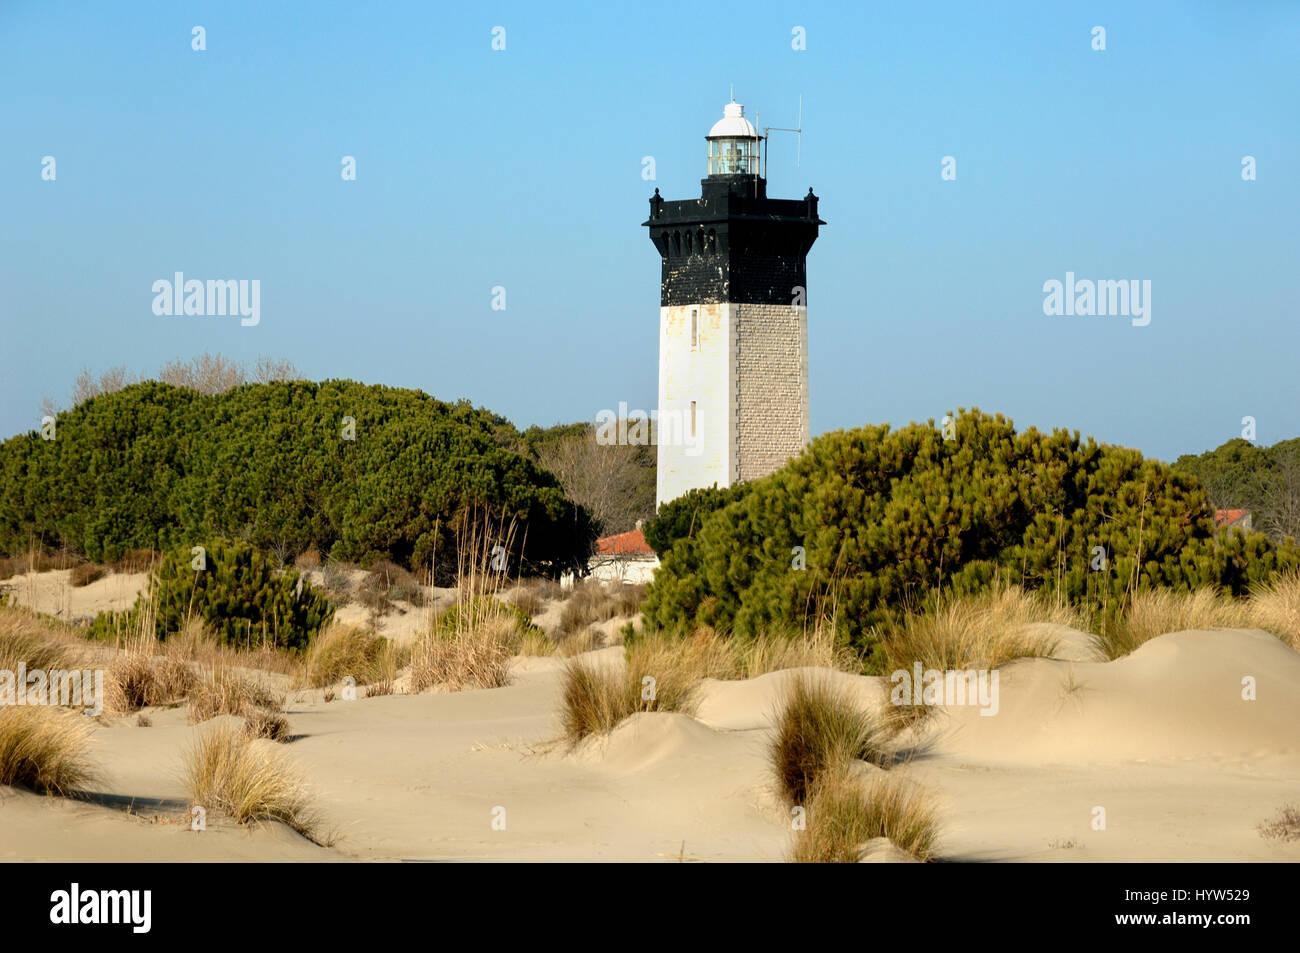 Espiguette Beach or Plage d'Espiguette and Lighthouse at Le Grau-du-Roi Camargue Gard France - Stock Image